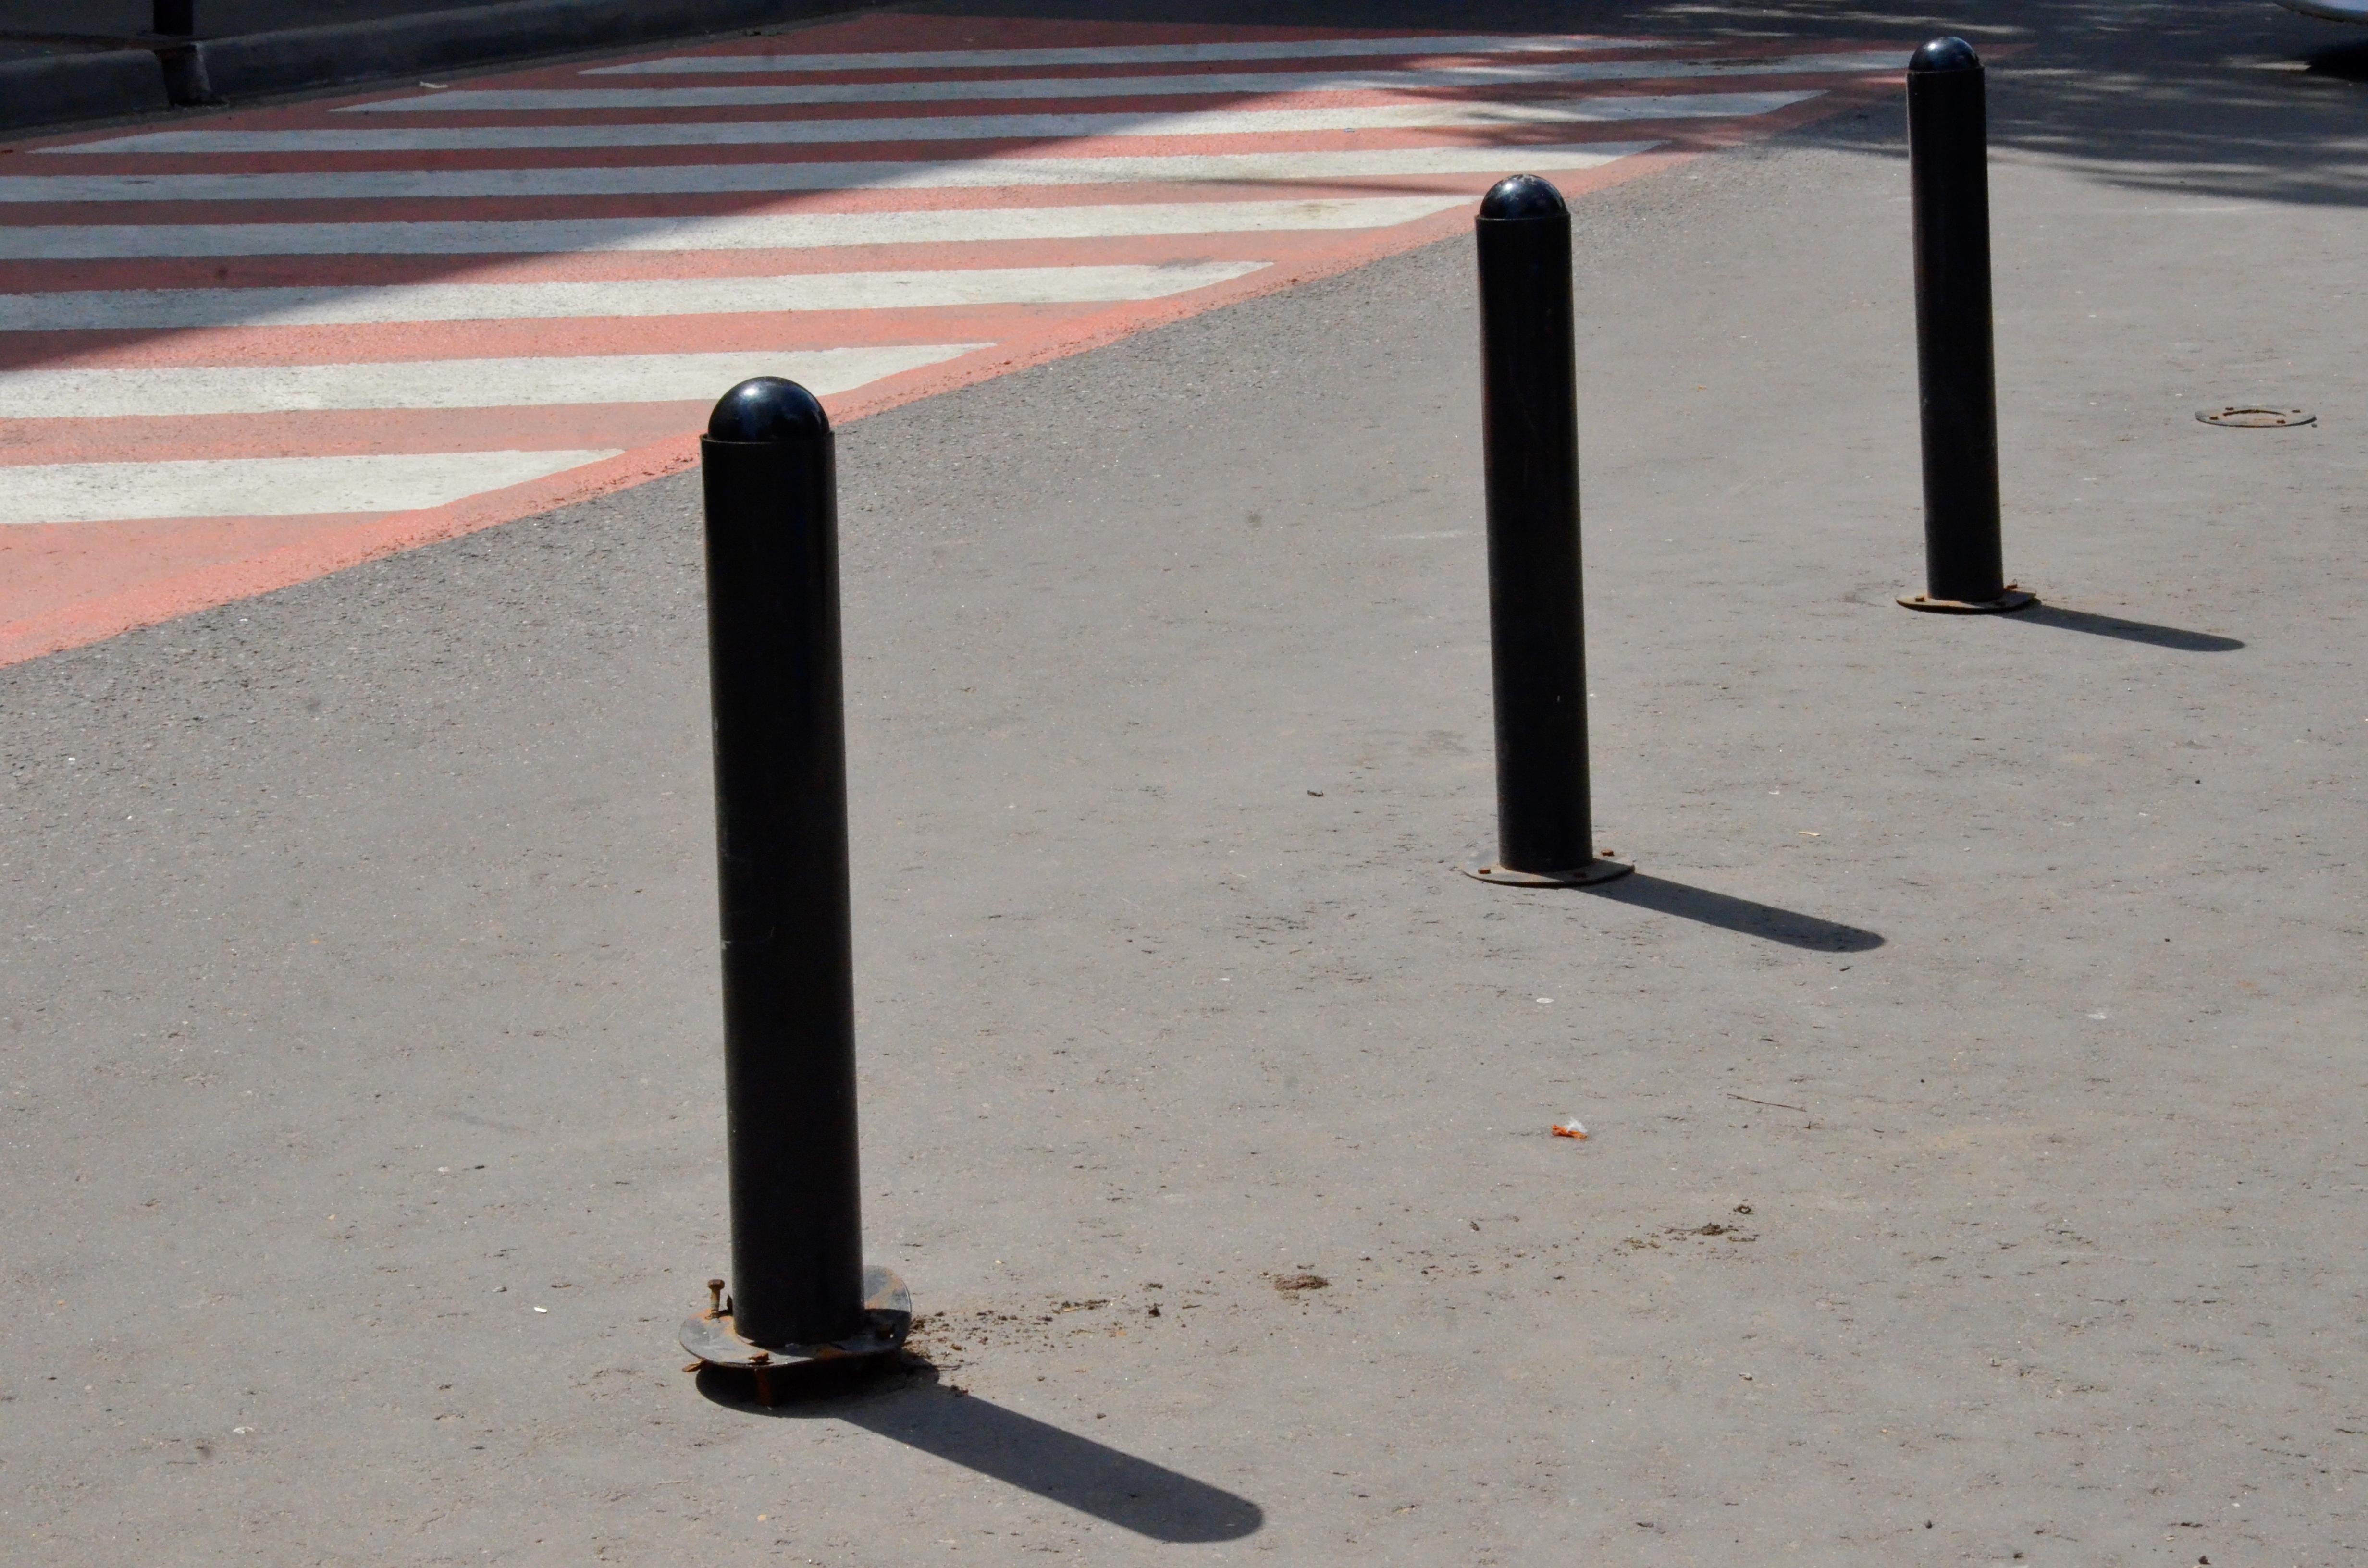 Парковочный карман для пожарных машин и спецтехники разместят в Краснопахорском